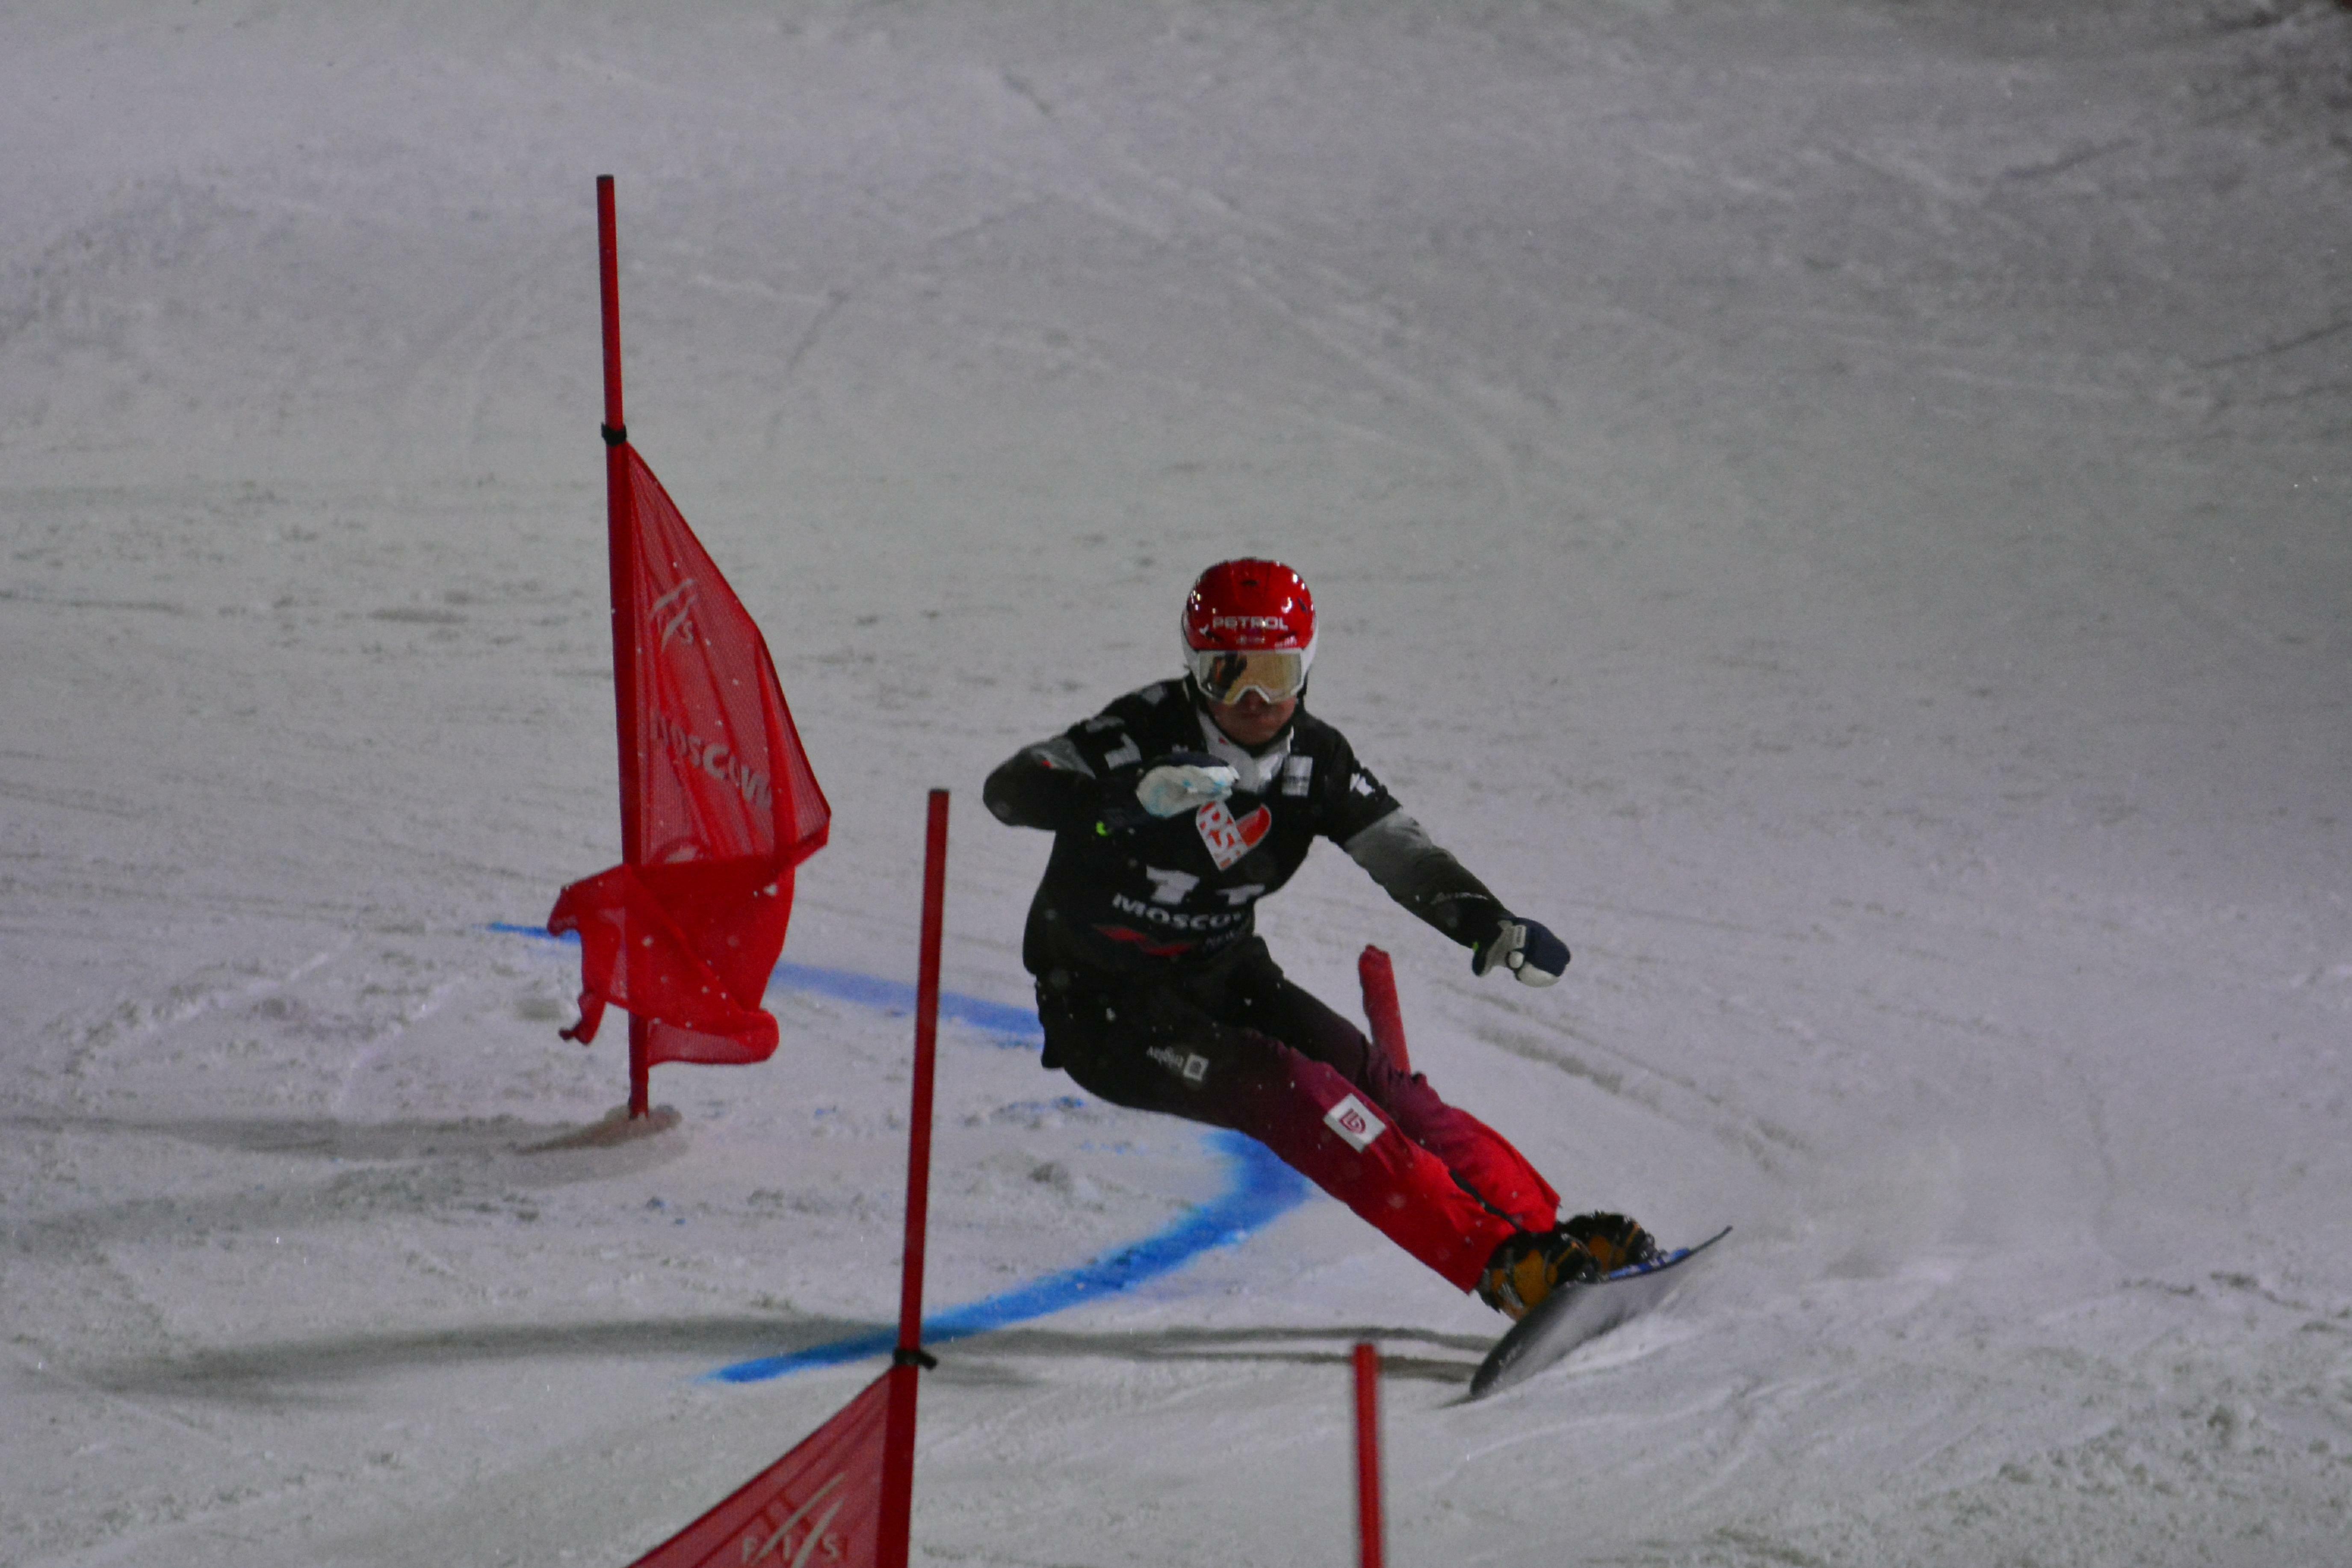 Горнолыжница Гут победила в скоростном спуске на этапе КМ